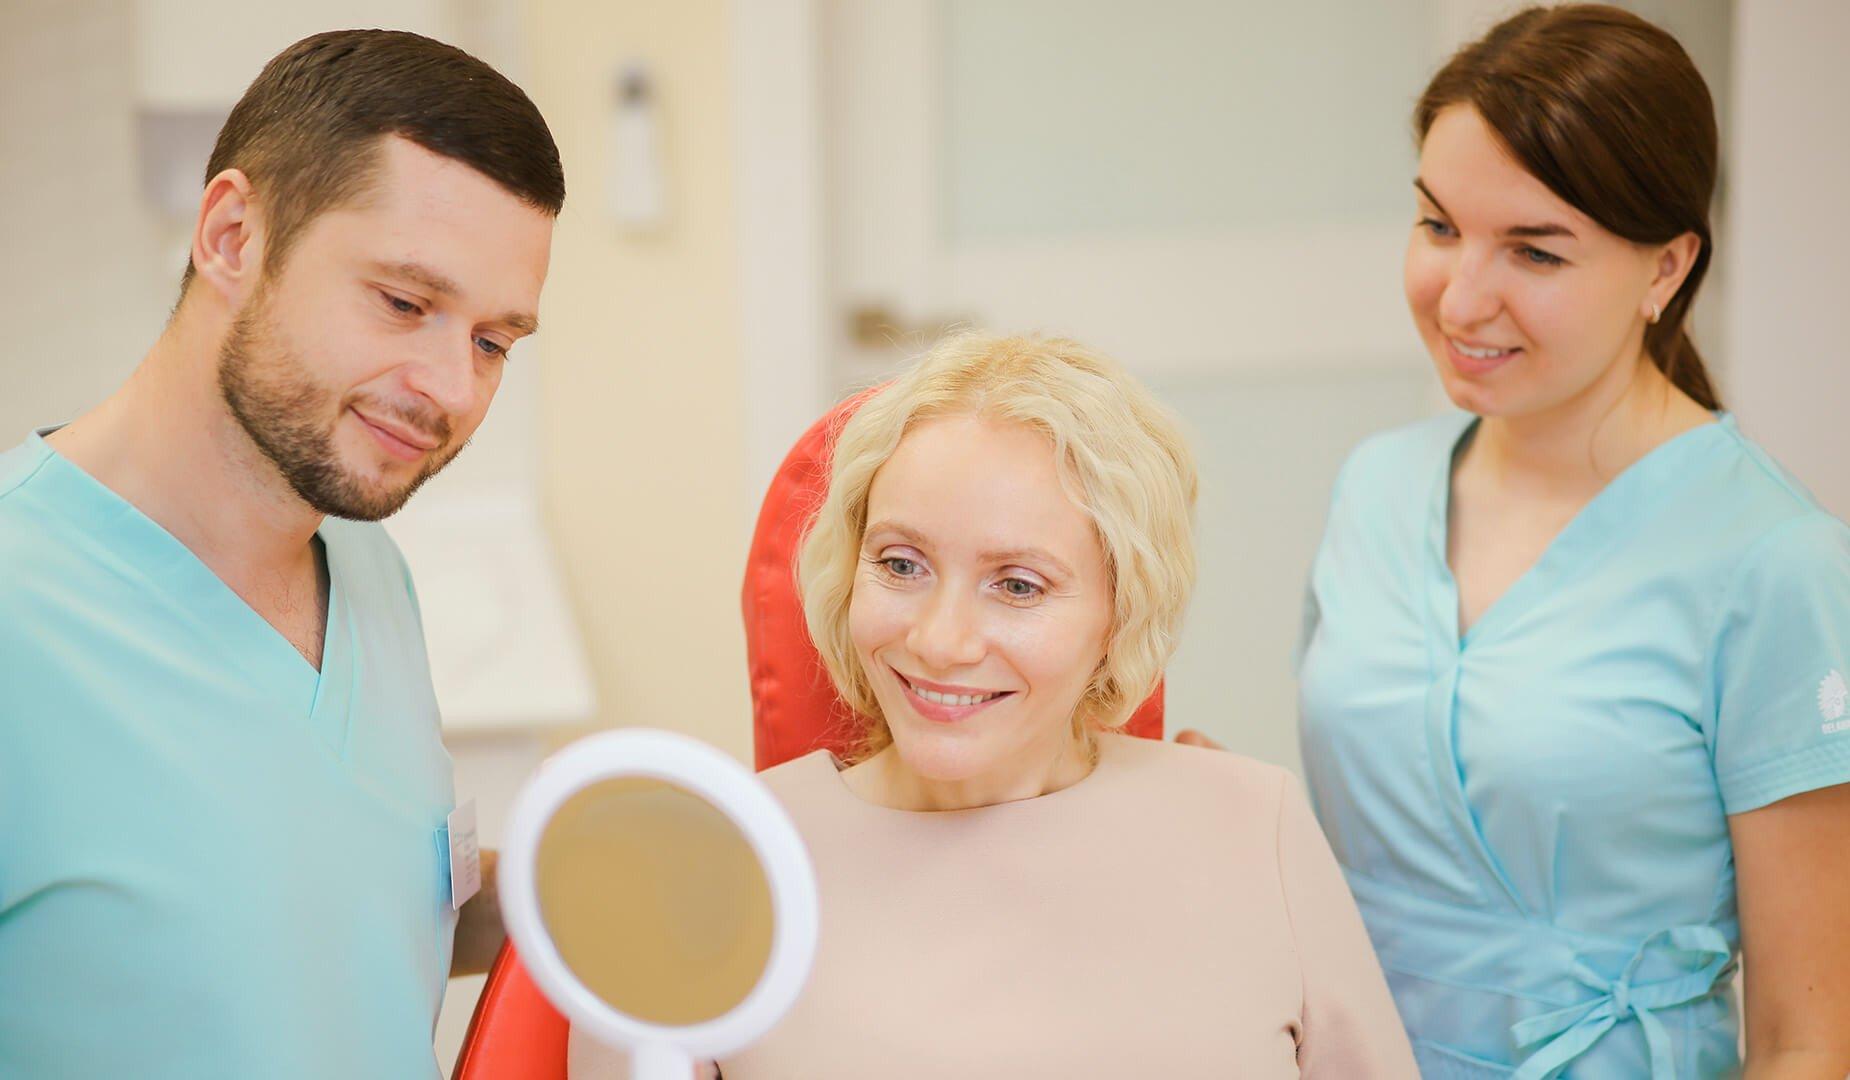 Пациент оценивает результат лечения